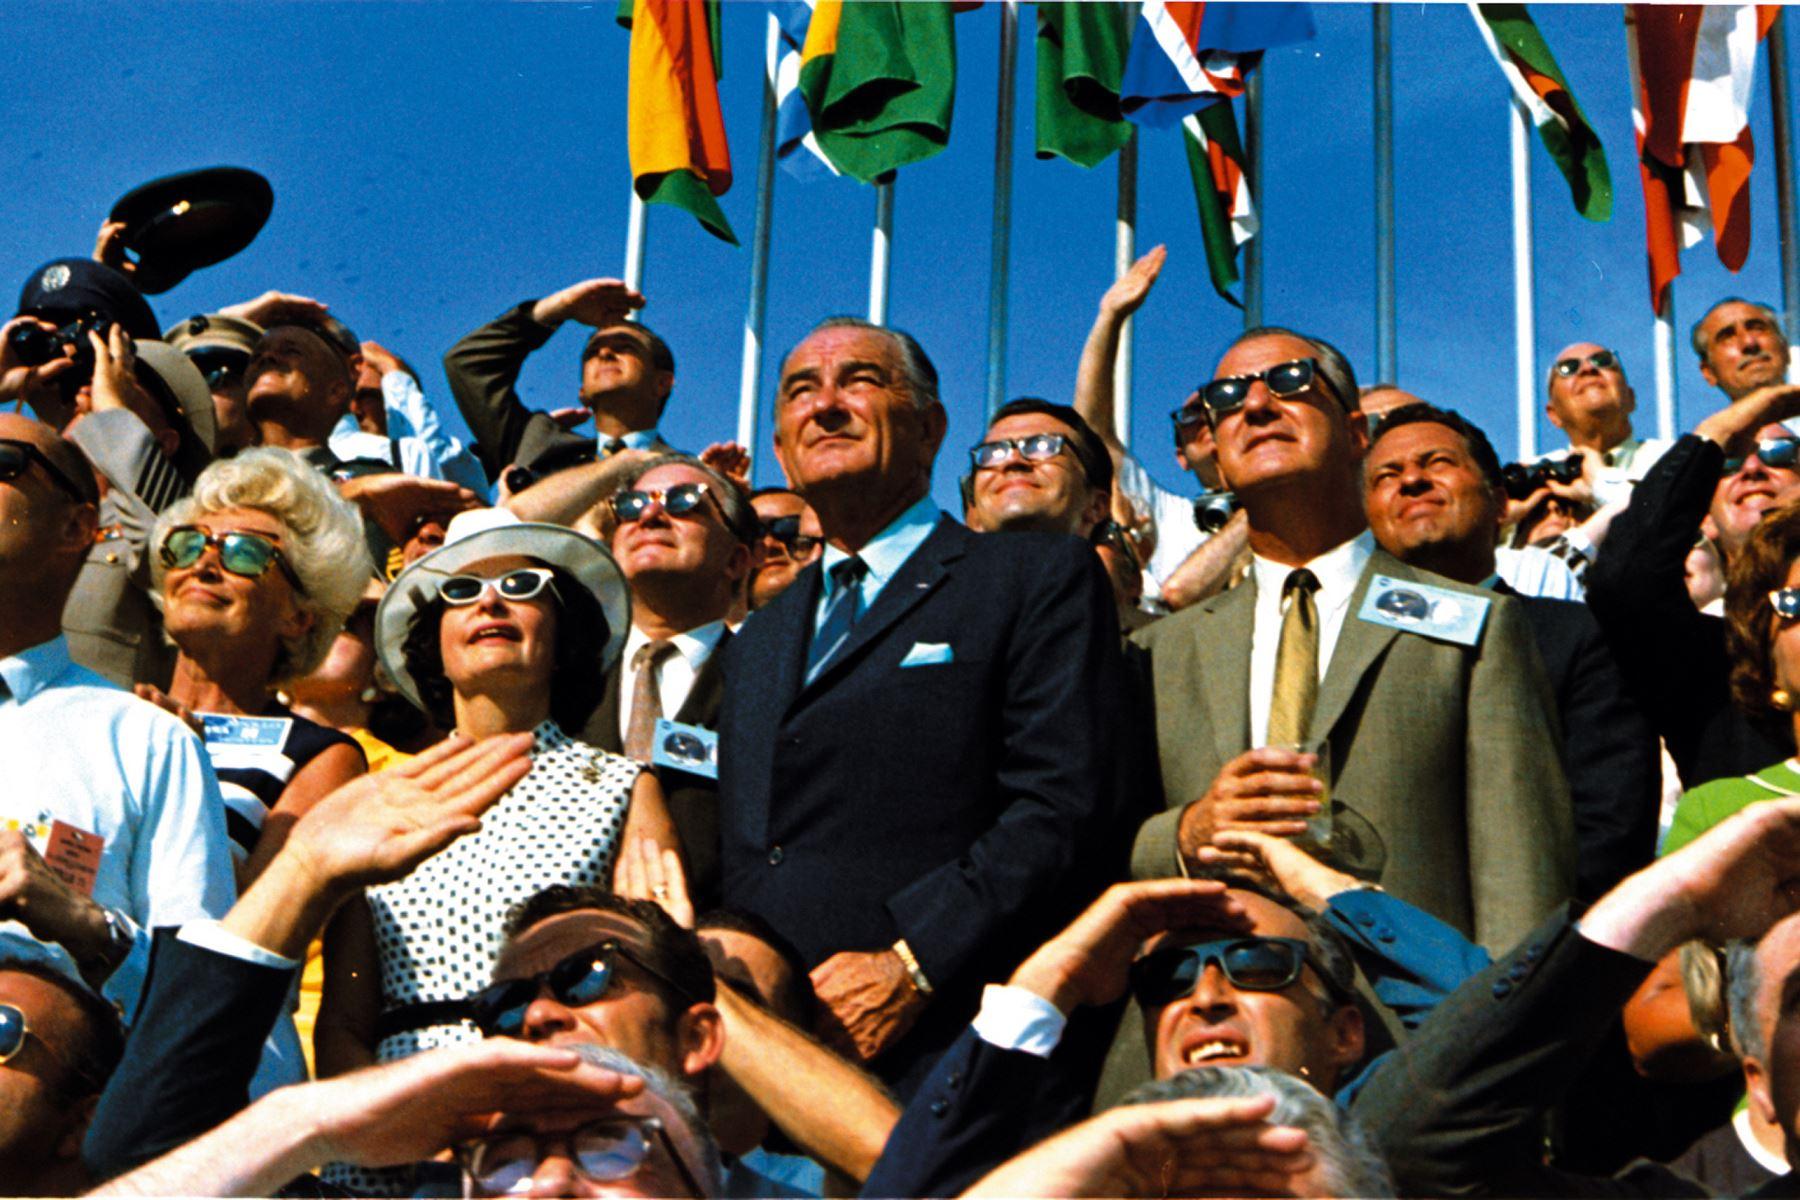 El vicepresidente de los Estados Unidos, Spiro Agnew, y el ex presidente de los Estados Unidos, Lyndon B. Johnson, son vistos en una multitud que observa el despegue de la misión Apolo 11 en el Centro Espacial Kennedy, Florida, el 16 de julio de 1969. Foto: AFP